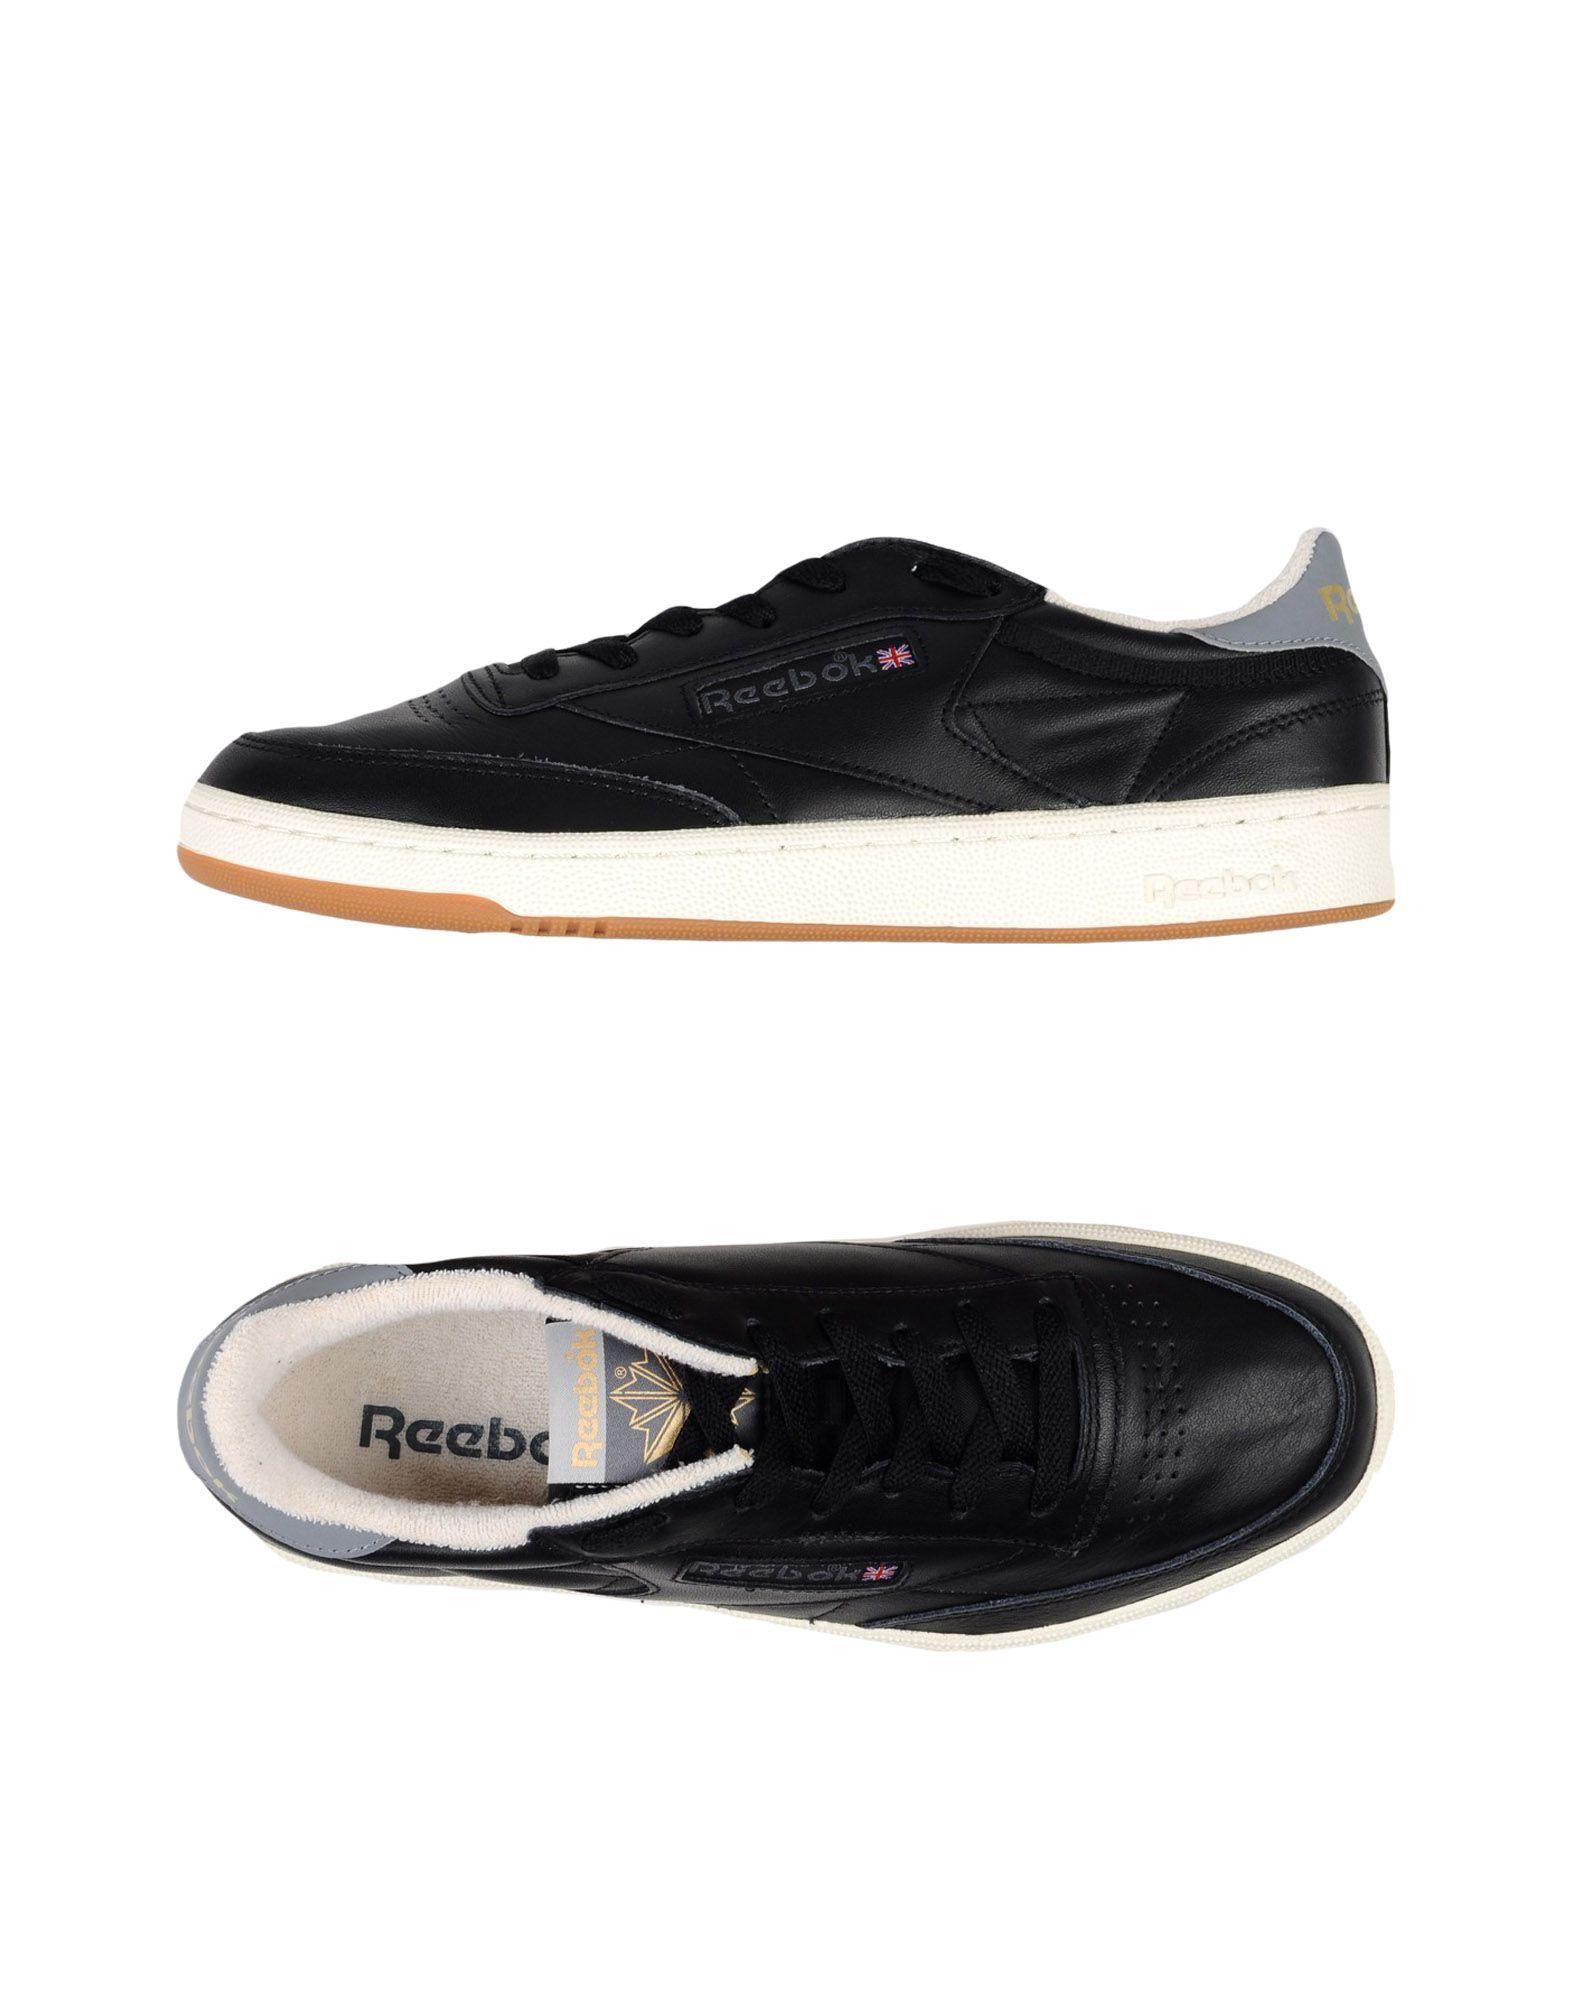 Sneakers Reebok Club C 85 Retro Gum - Homme - Sneakers Reebok  Noir Spécial temps limité